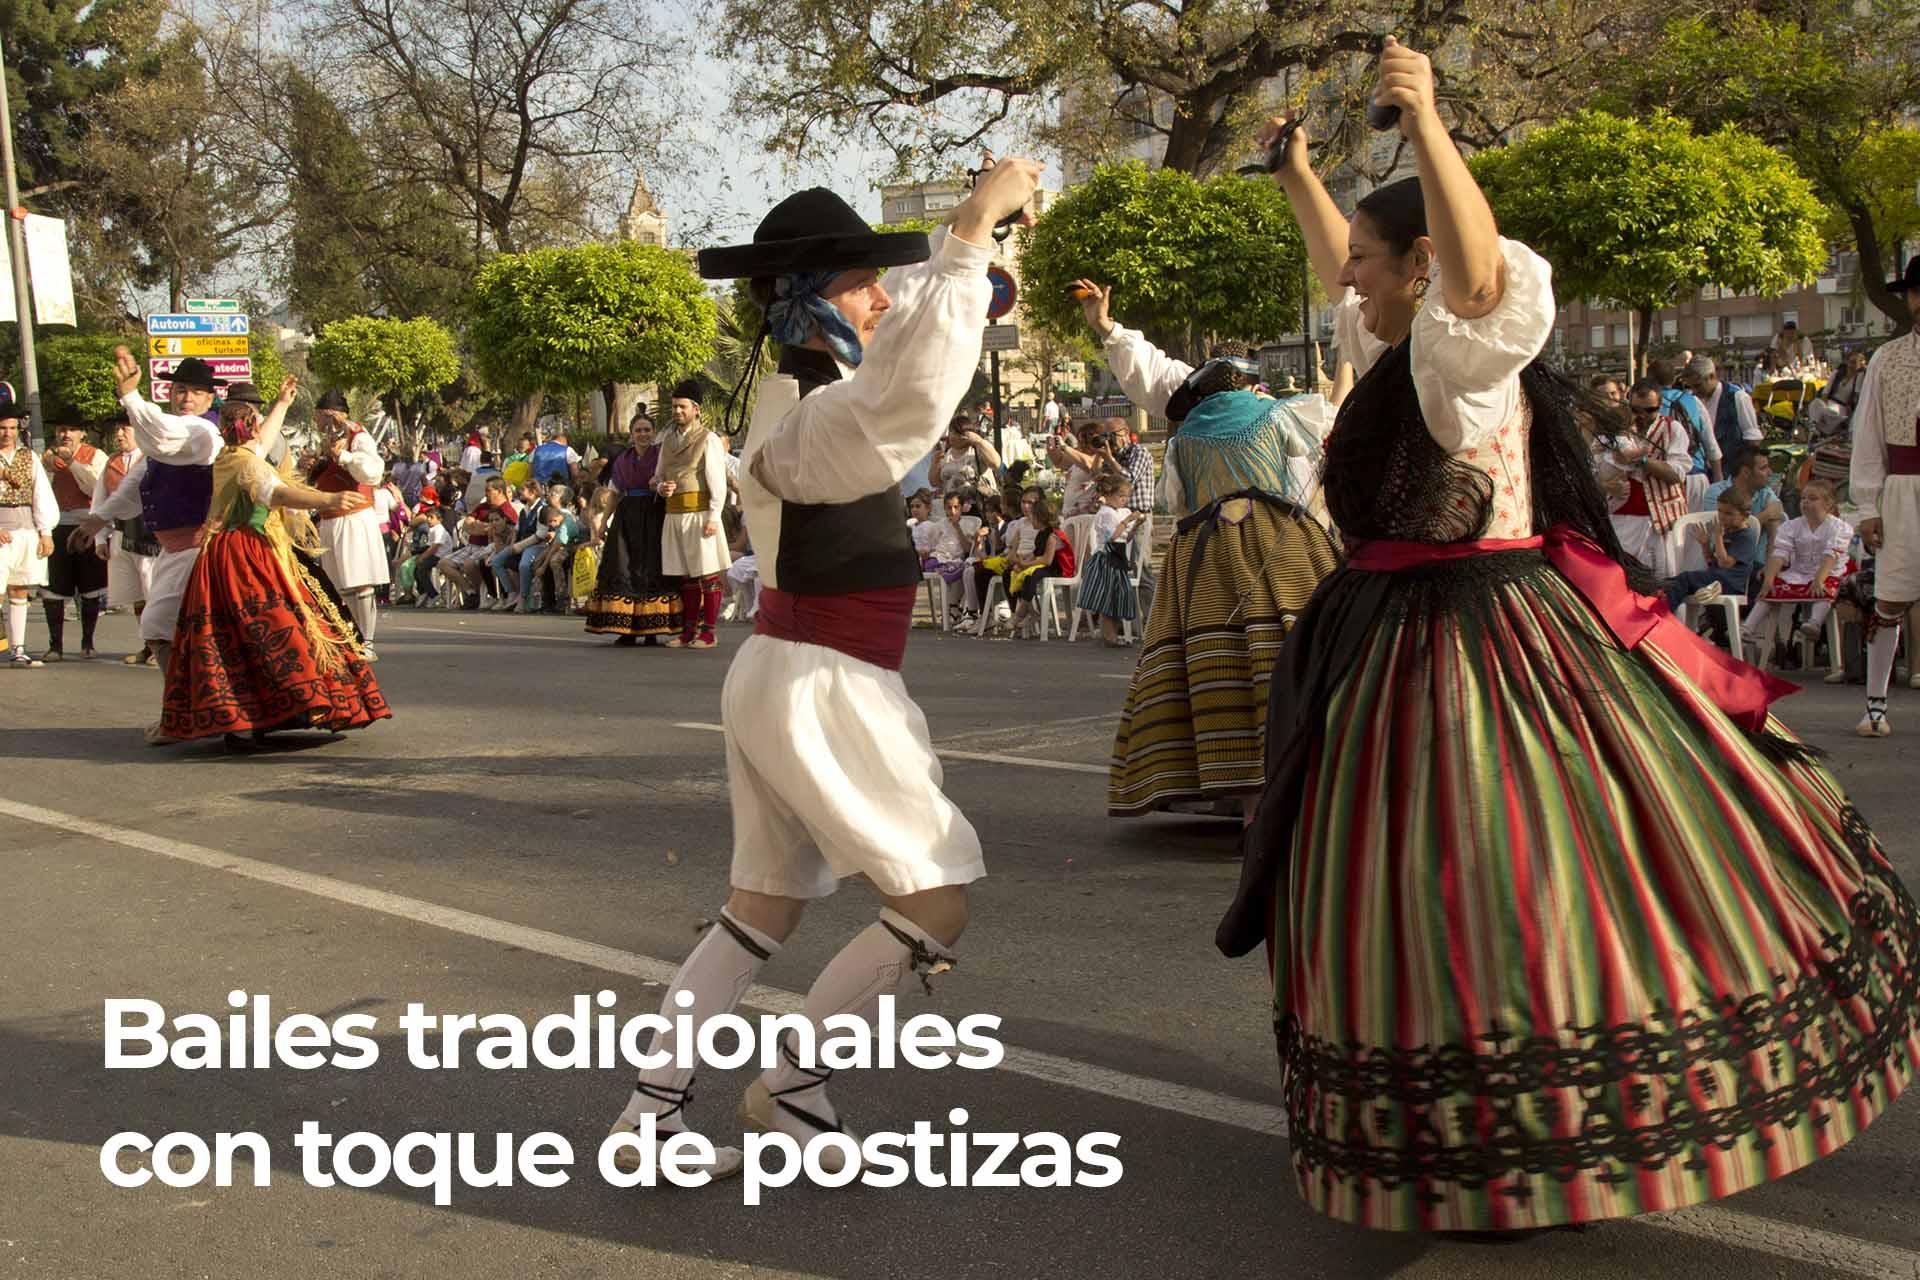 Bailes tradicionales con toque de postizas